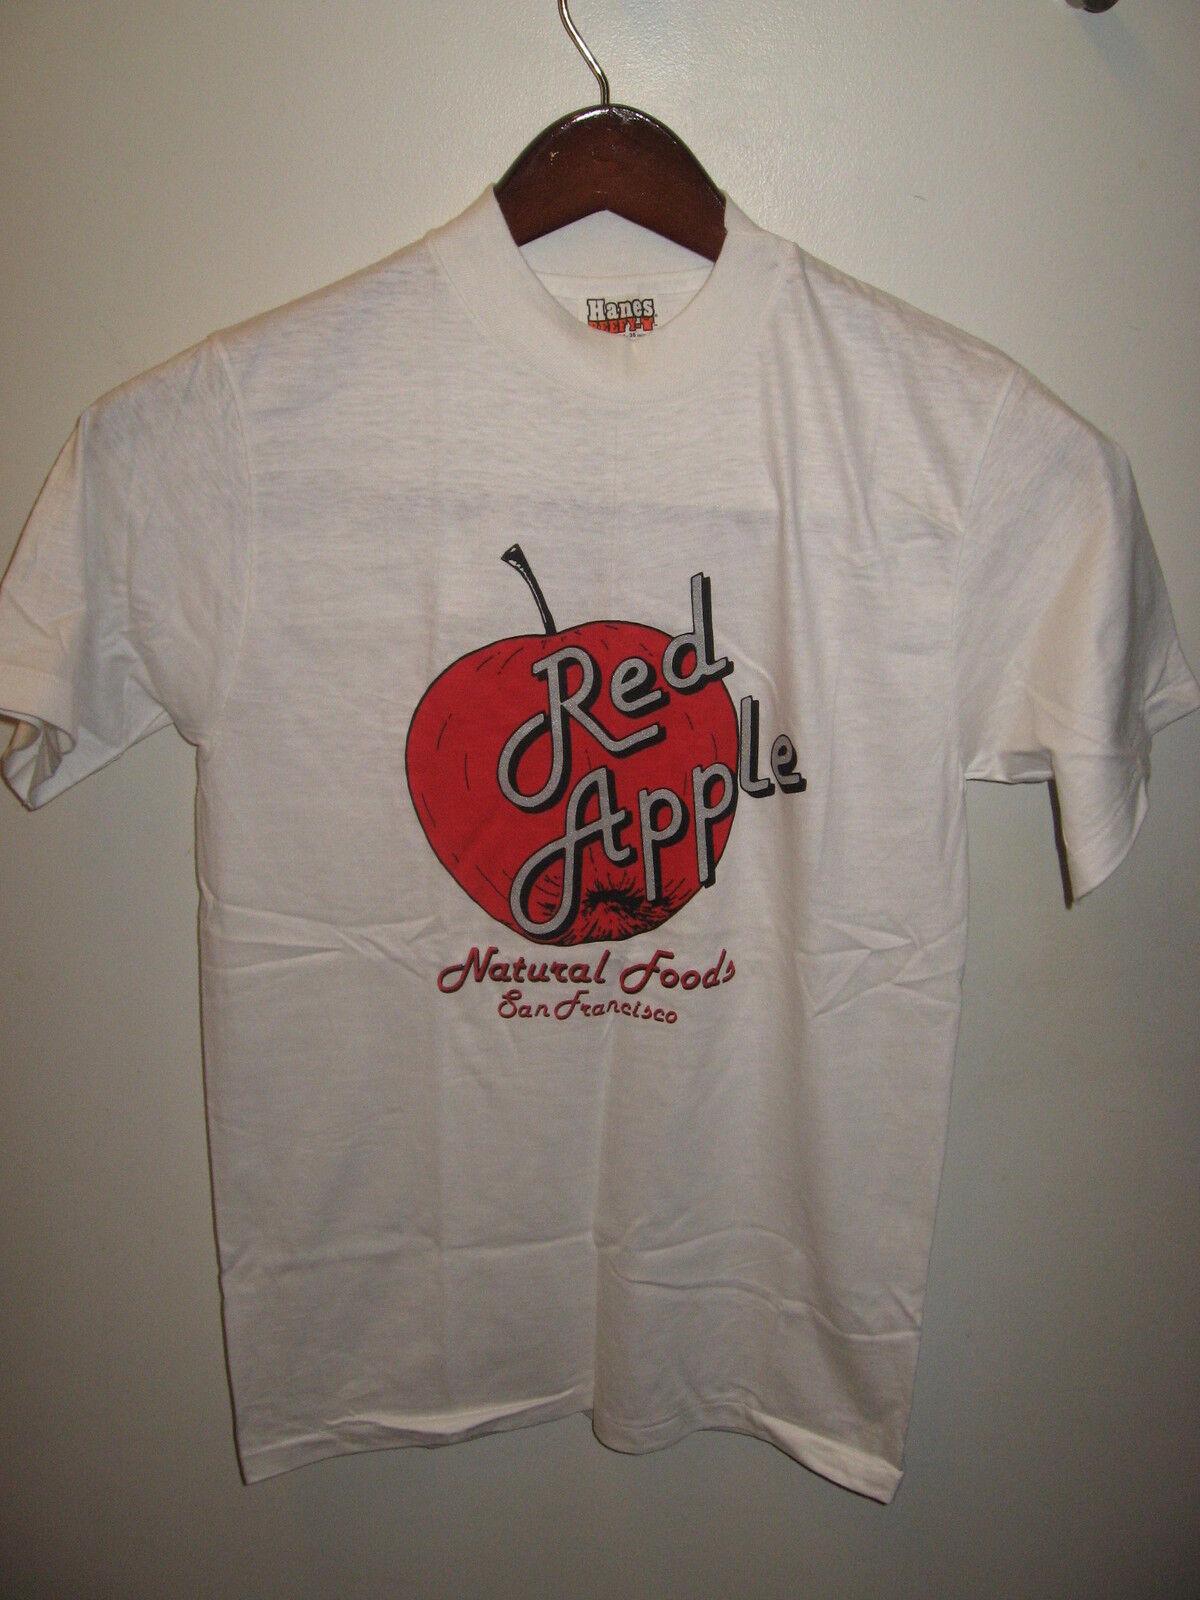 Roter Apfel Natürlich Foods San Francisco California Vintage 600ms Hanes T-Shirt  | Bekannt für seine schöne Qualität  | Good Design  | Online einkaufen